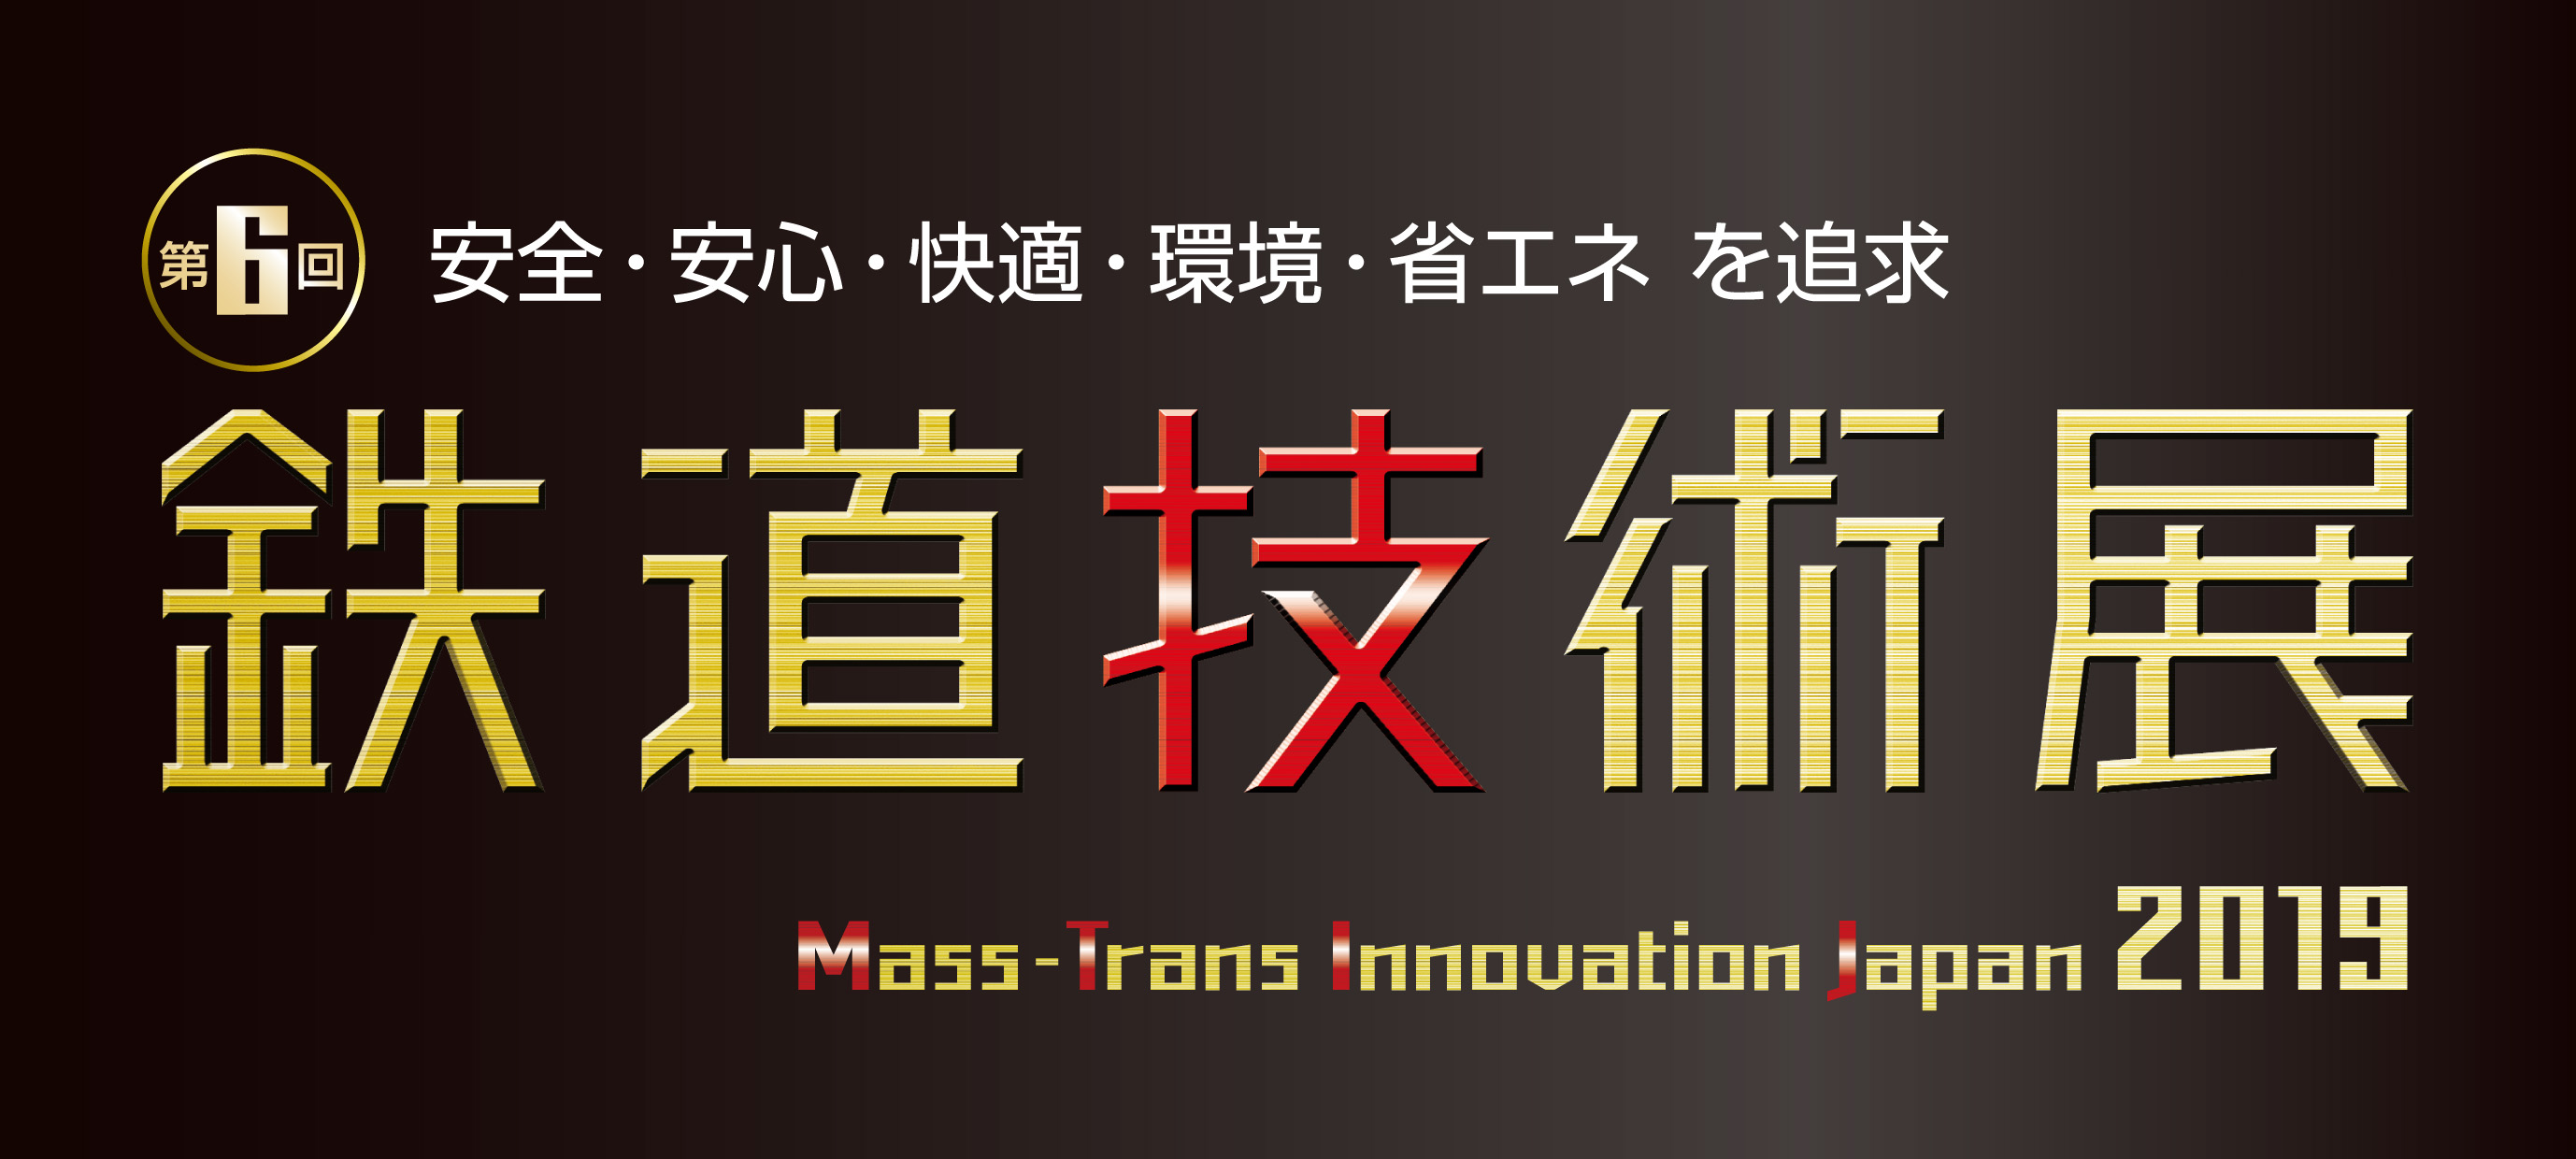 鉄道技術展2019に出展のお知らせ